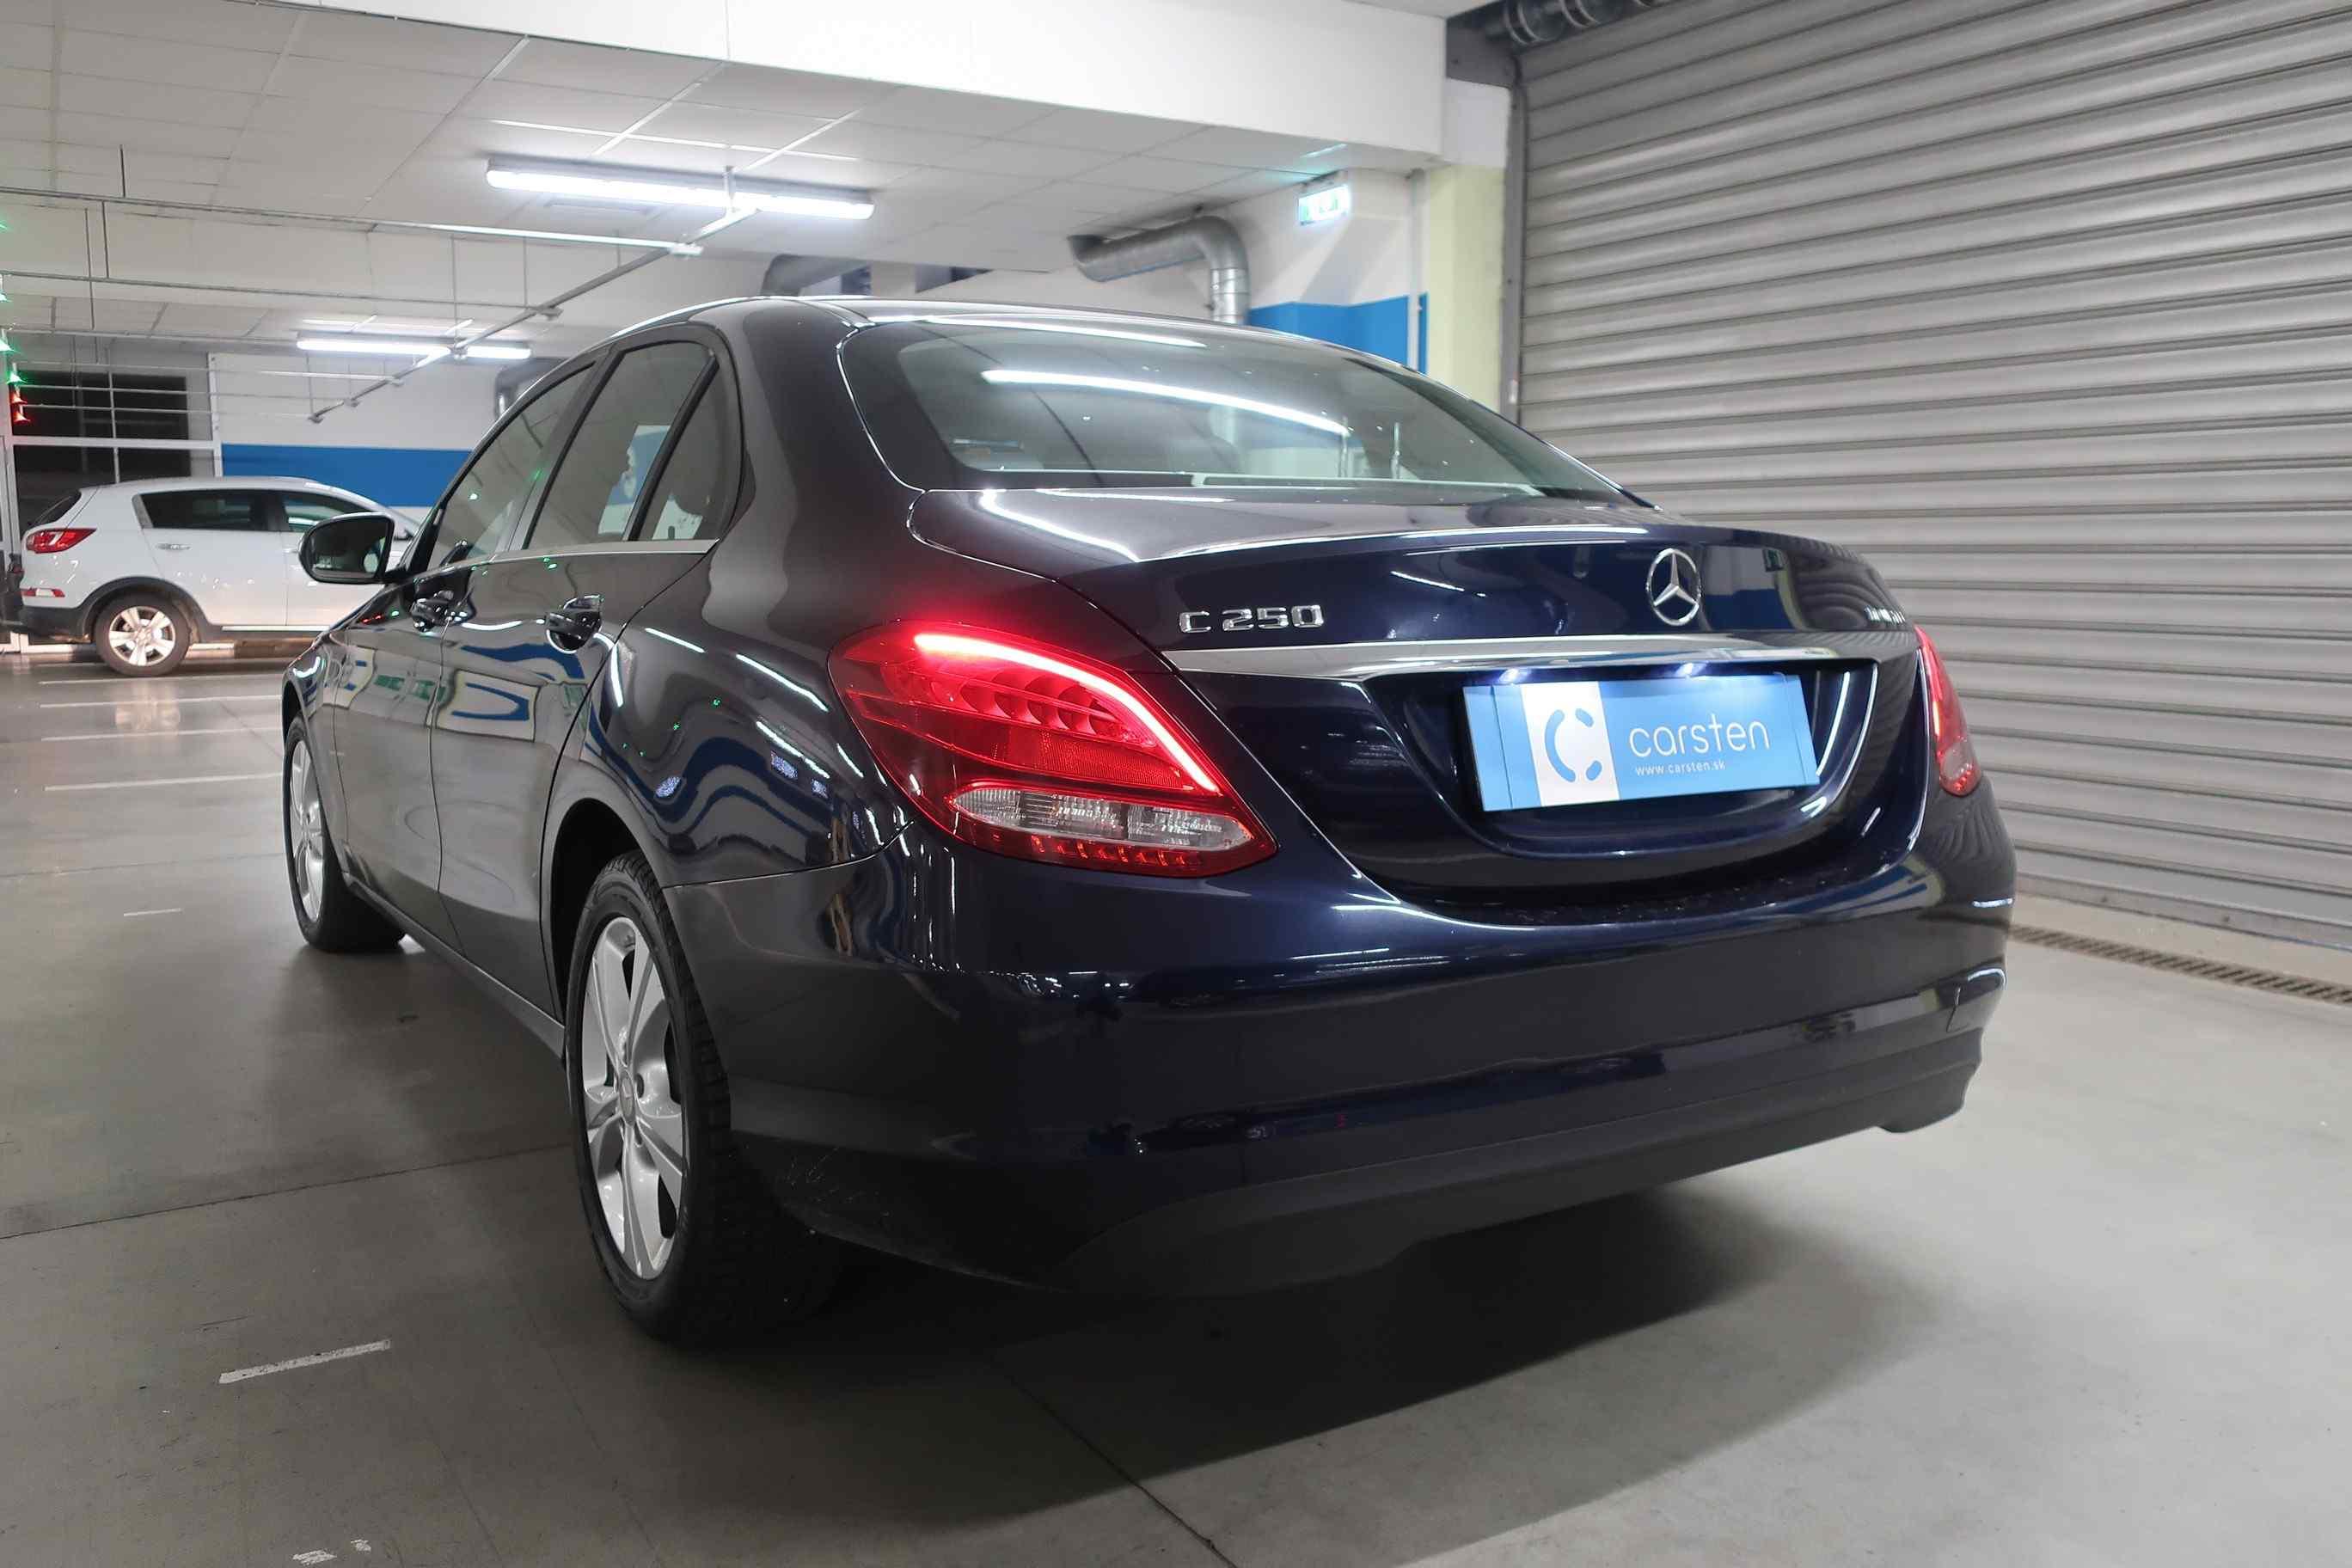 Mercedes C 250 CDI Bluetec 4matic